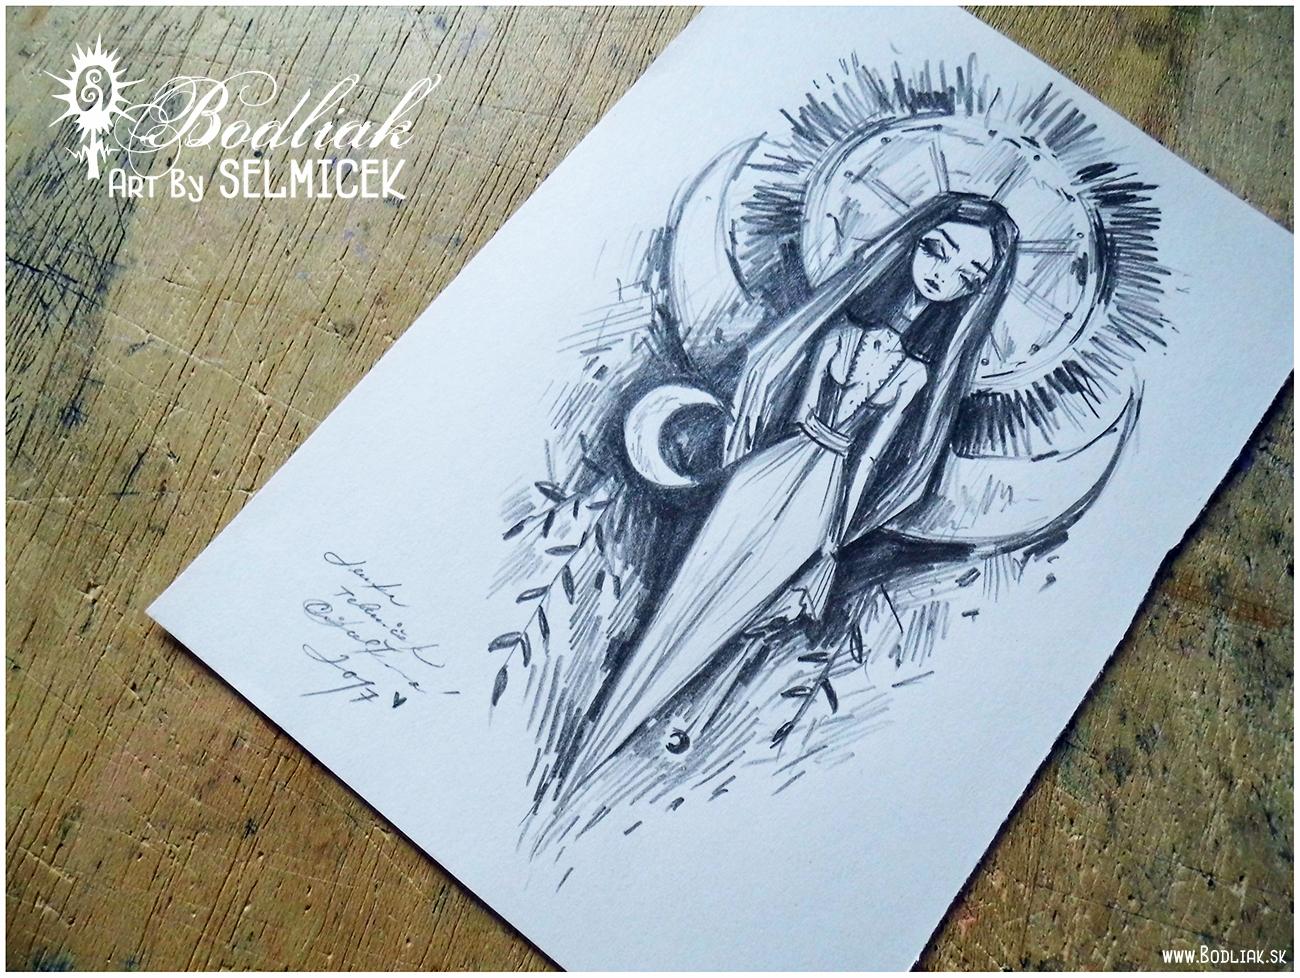 Nočná žienka   autor: Selmicek  20cm x 12cm ... cena za tetovanie v danej veľkosti 120,- eur